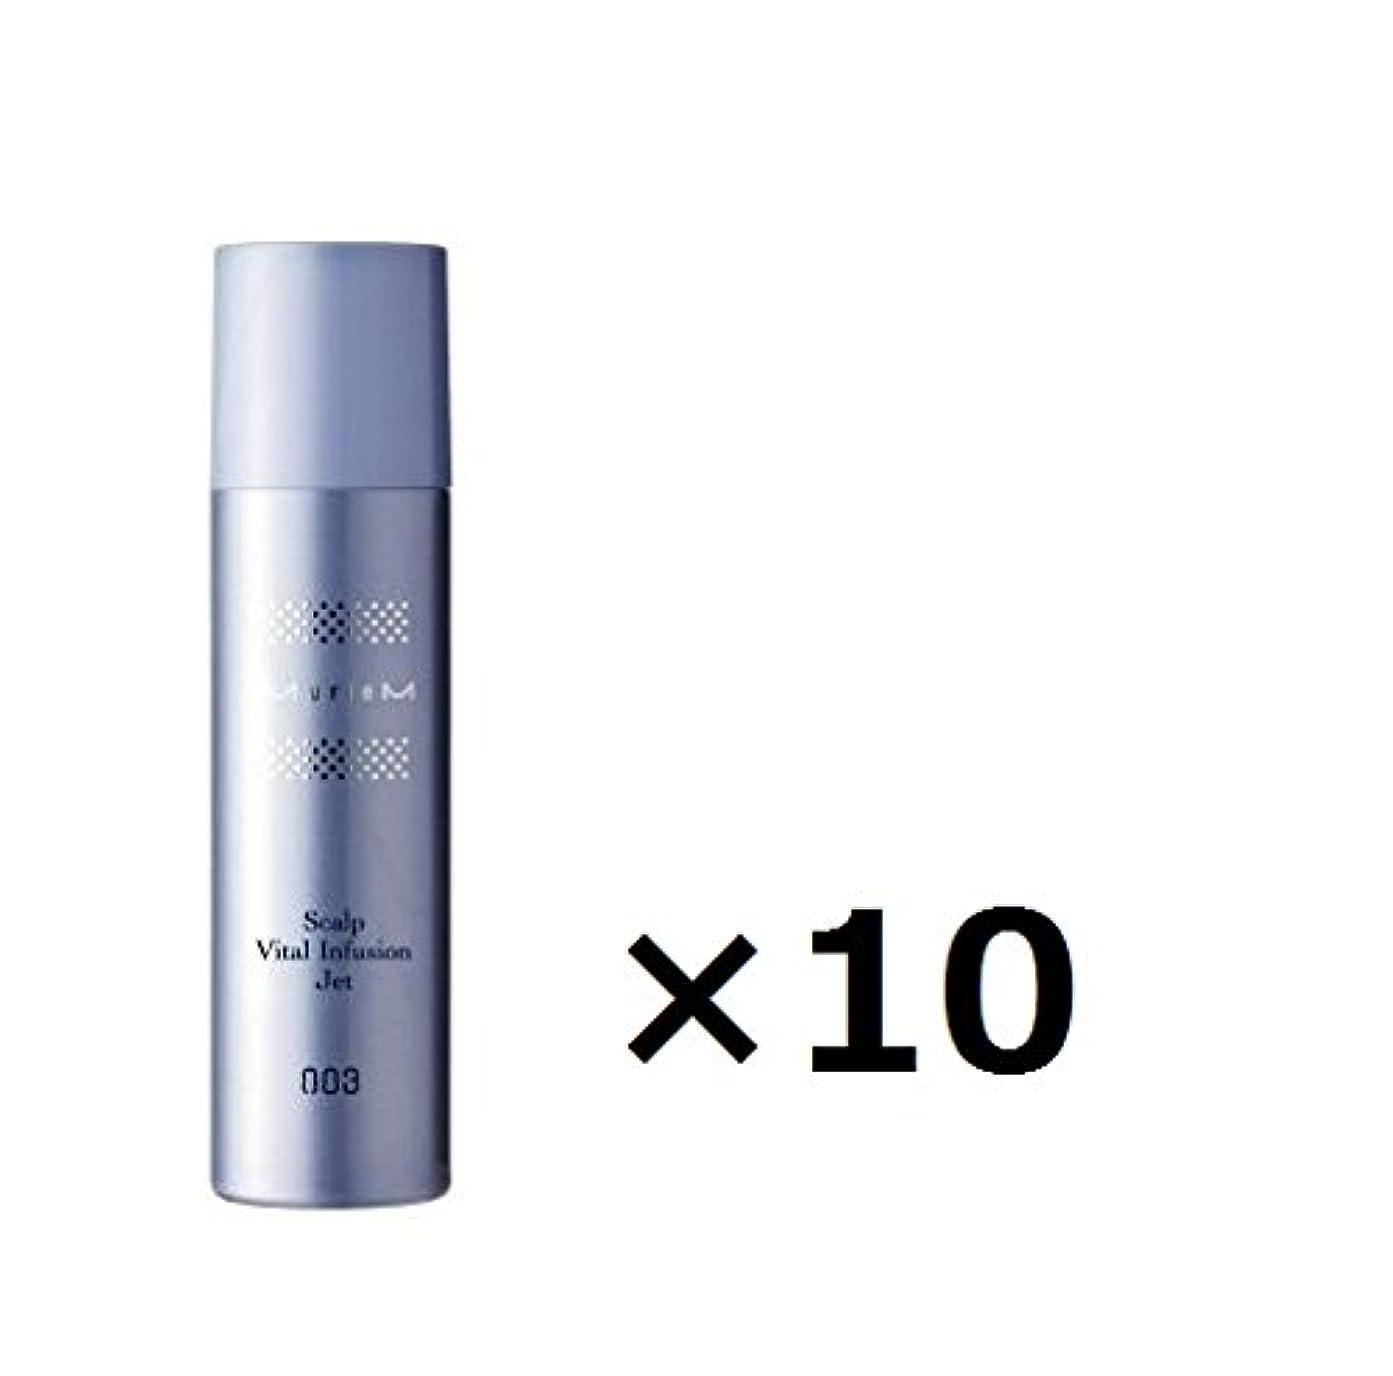 インテリアコーン評決【10本セット】ナンバースリー ミュリアム 薬用スカルプバイタル インフュージョンジェット 160g